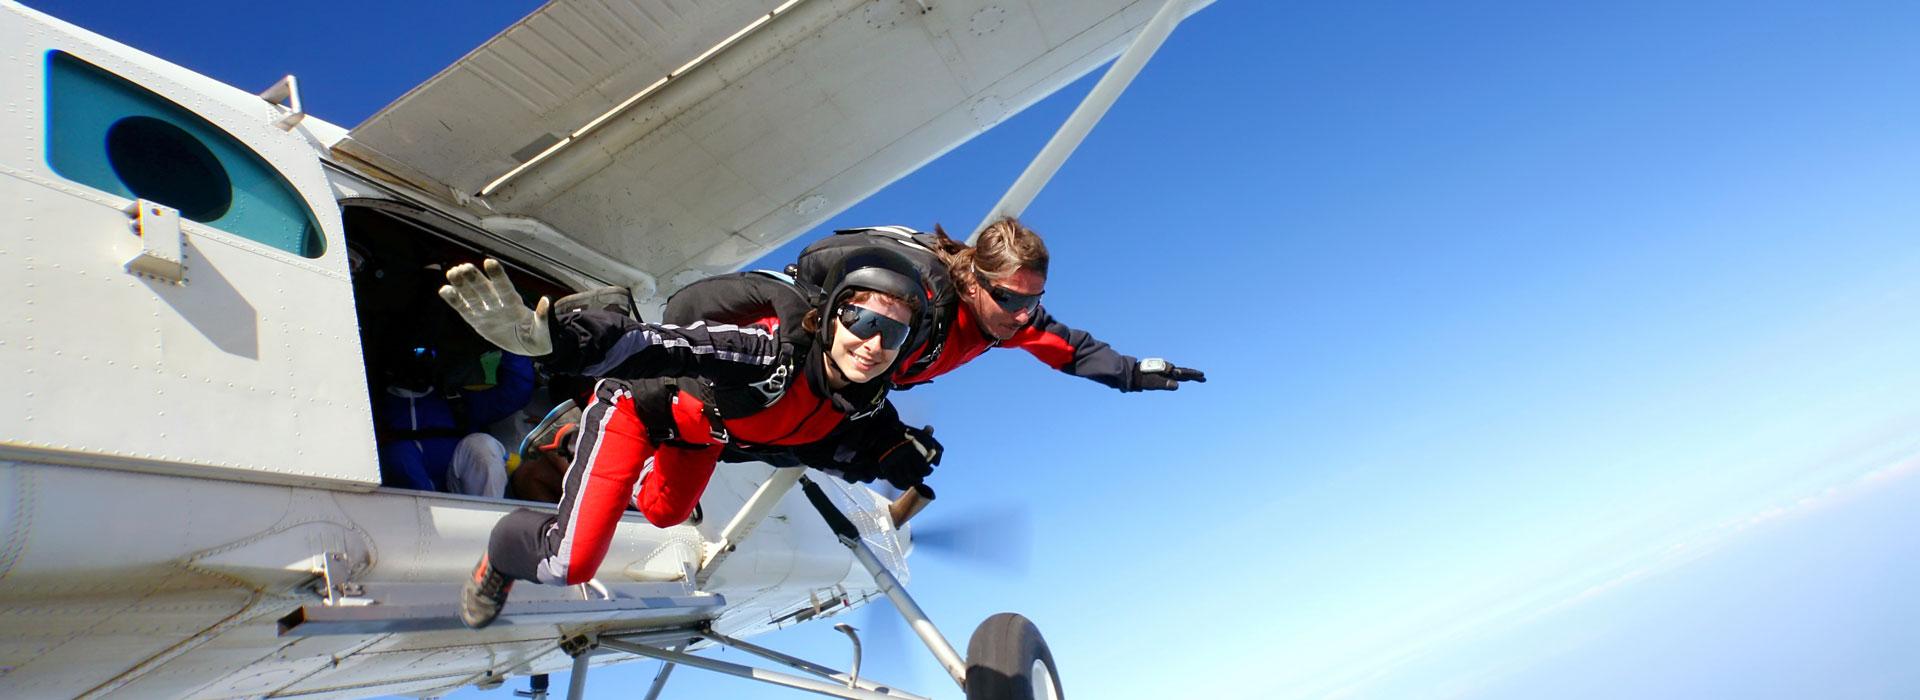 Le saut en parachute golfe du Morbihan